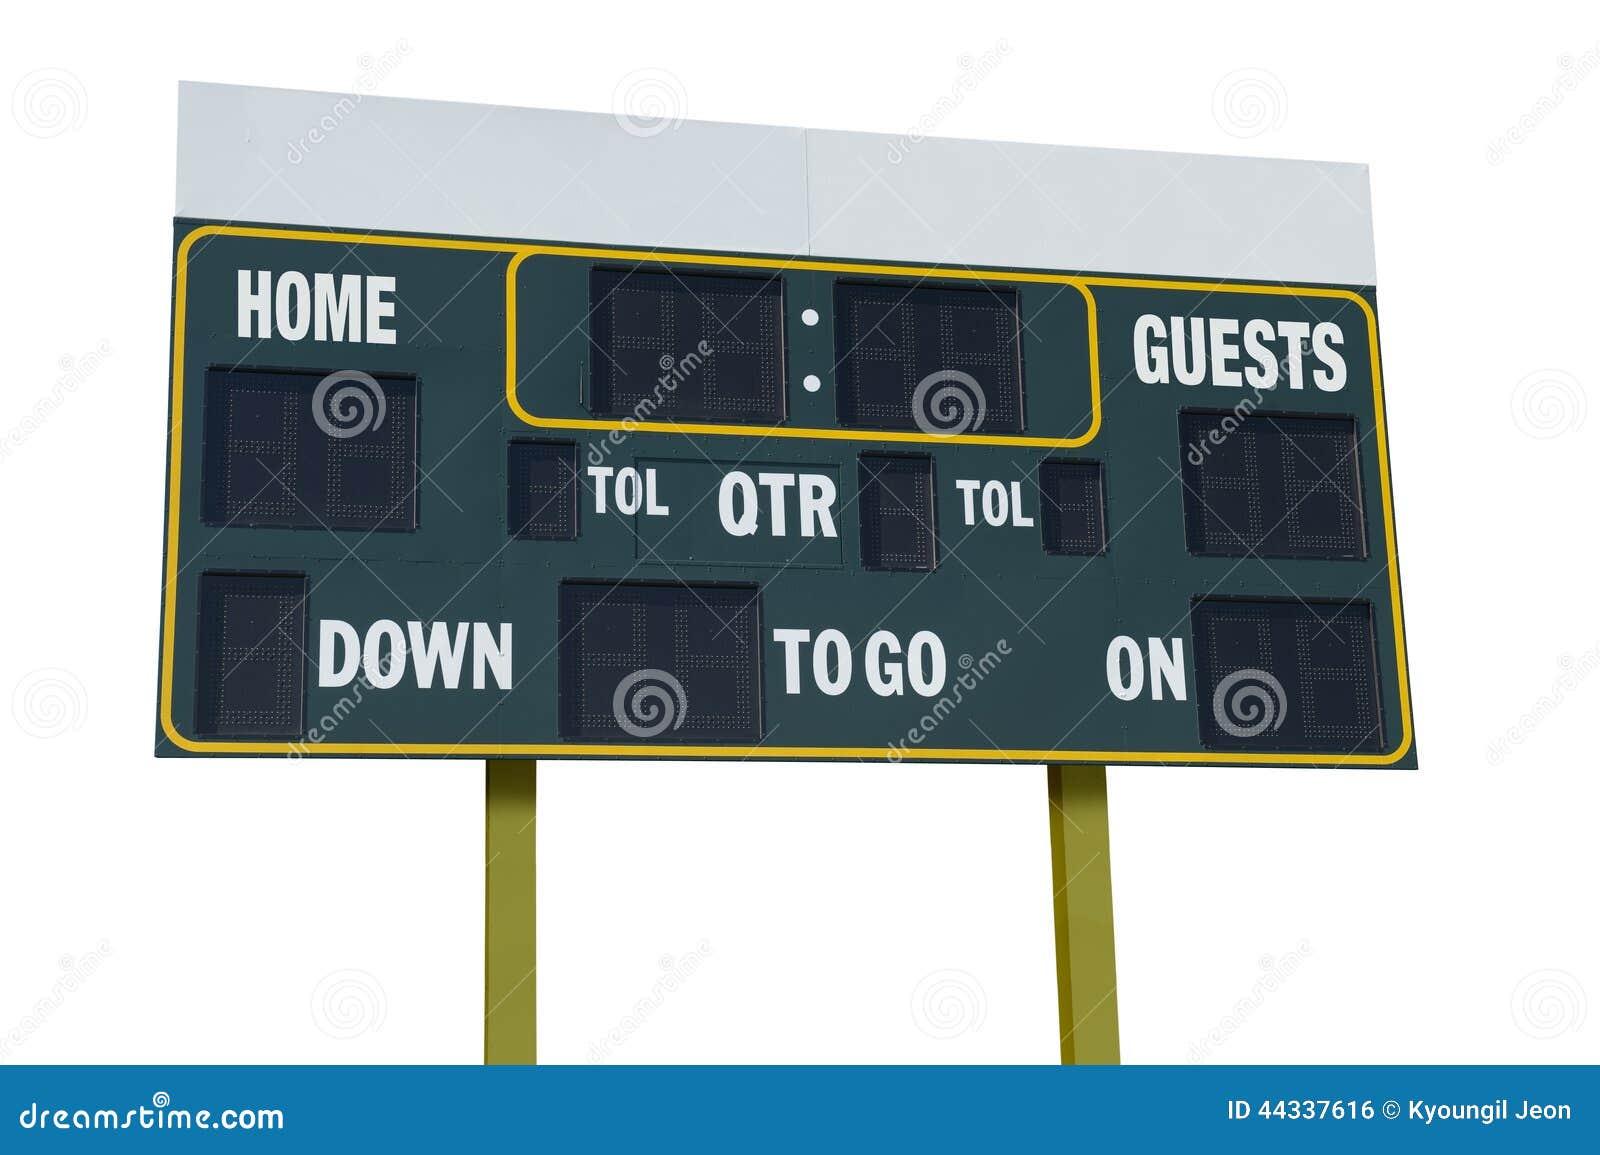 Schema Elettrico Per Tabellone Segnapunti : Tabellone segnapunti di football americano fotografia